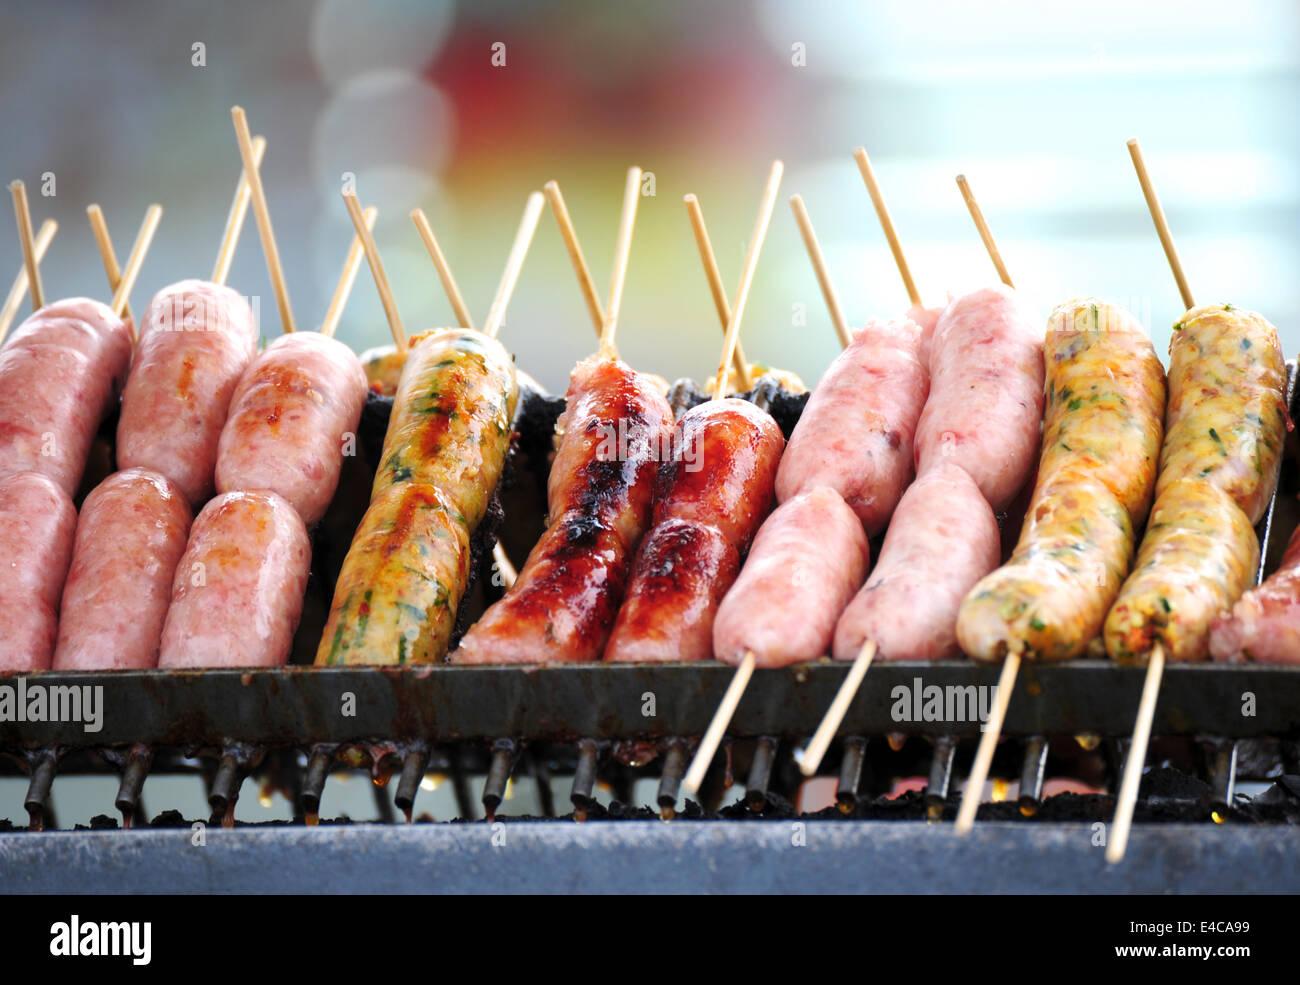 Smokies on BBQ - Stock Image